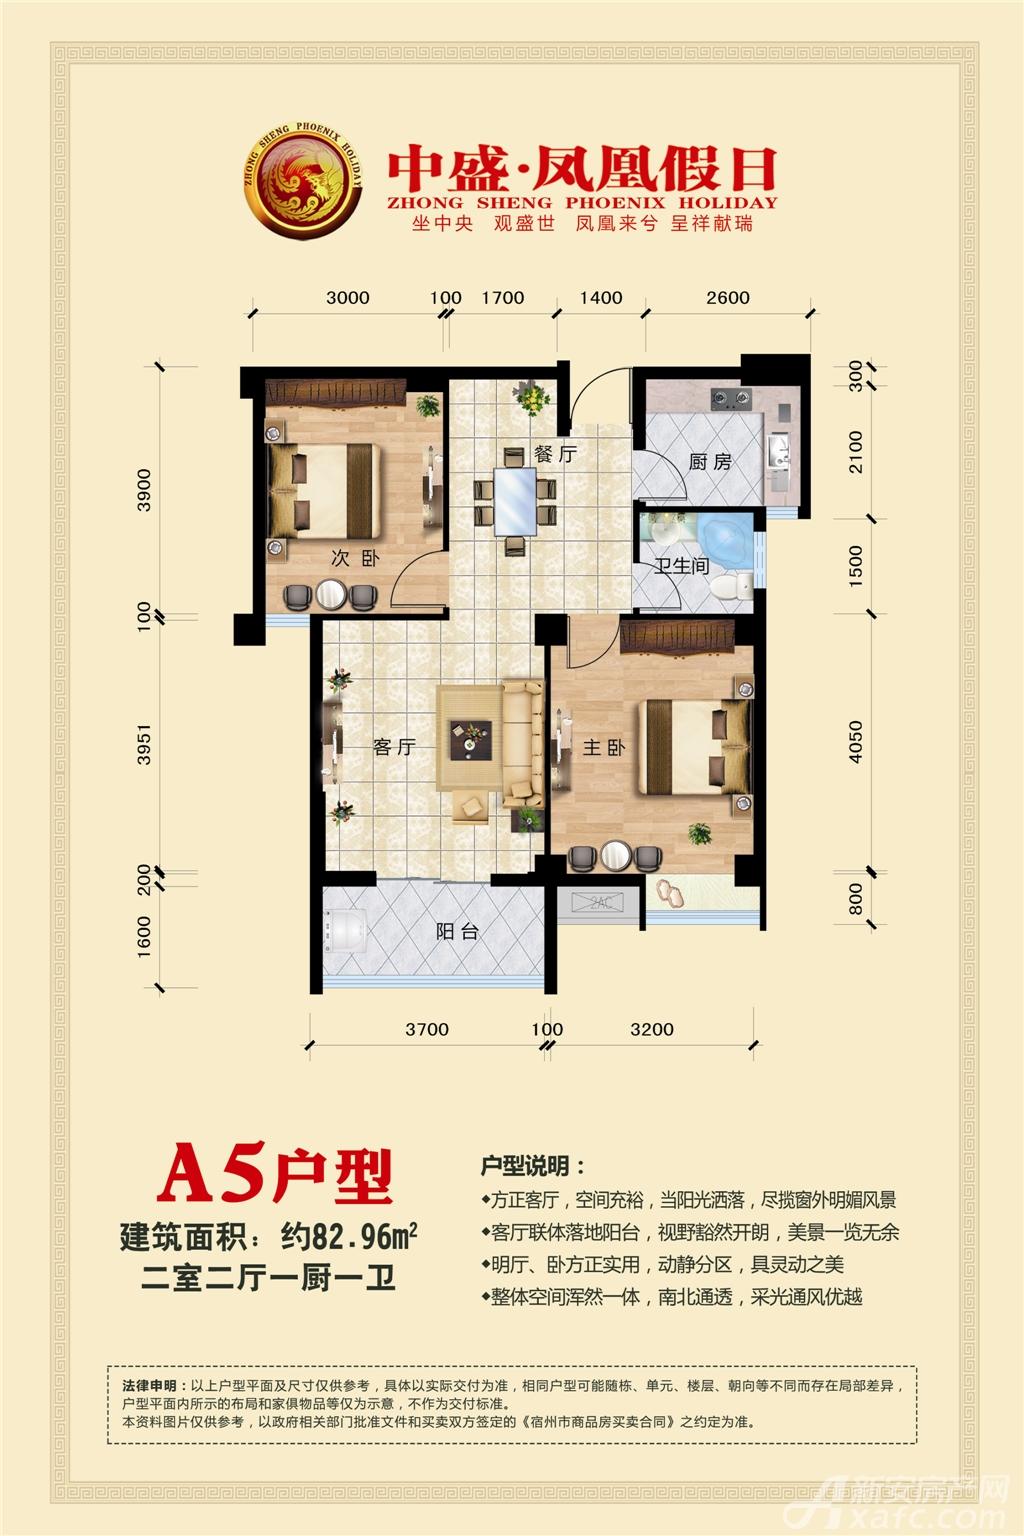 中盛凤凰假日A5户型82.96㎡两室两厅一卫2室2厅82.96平米